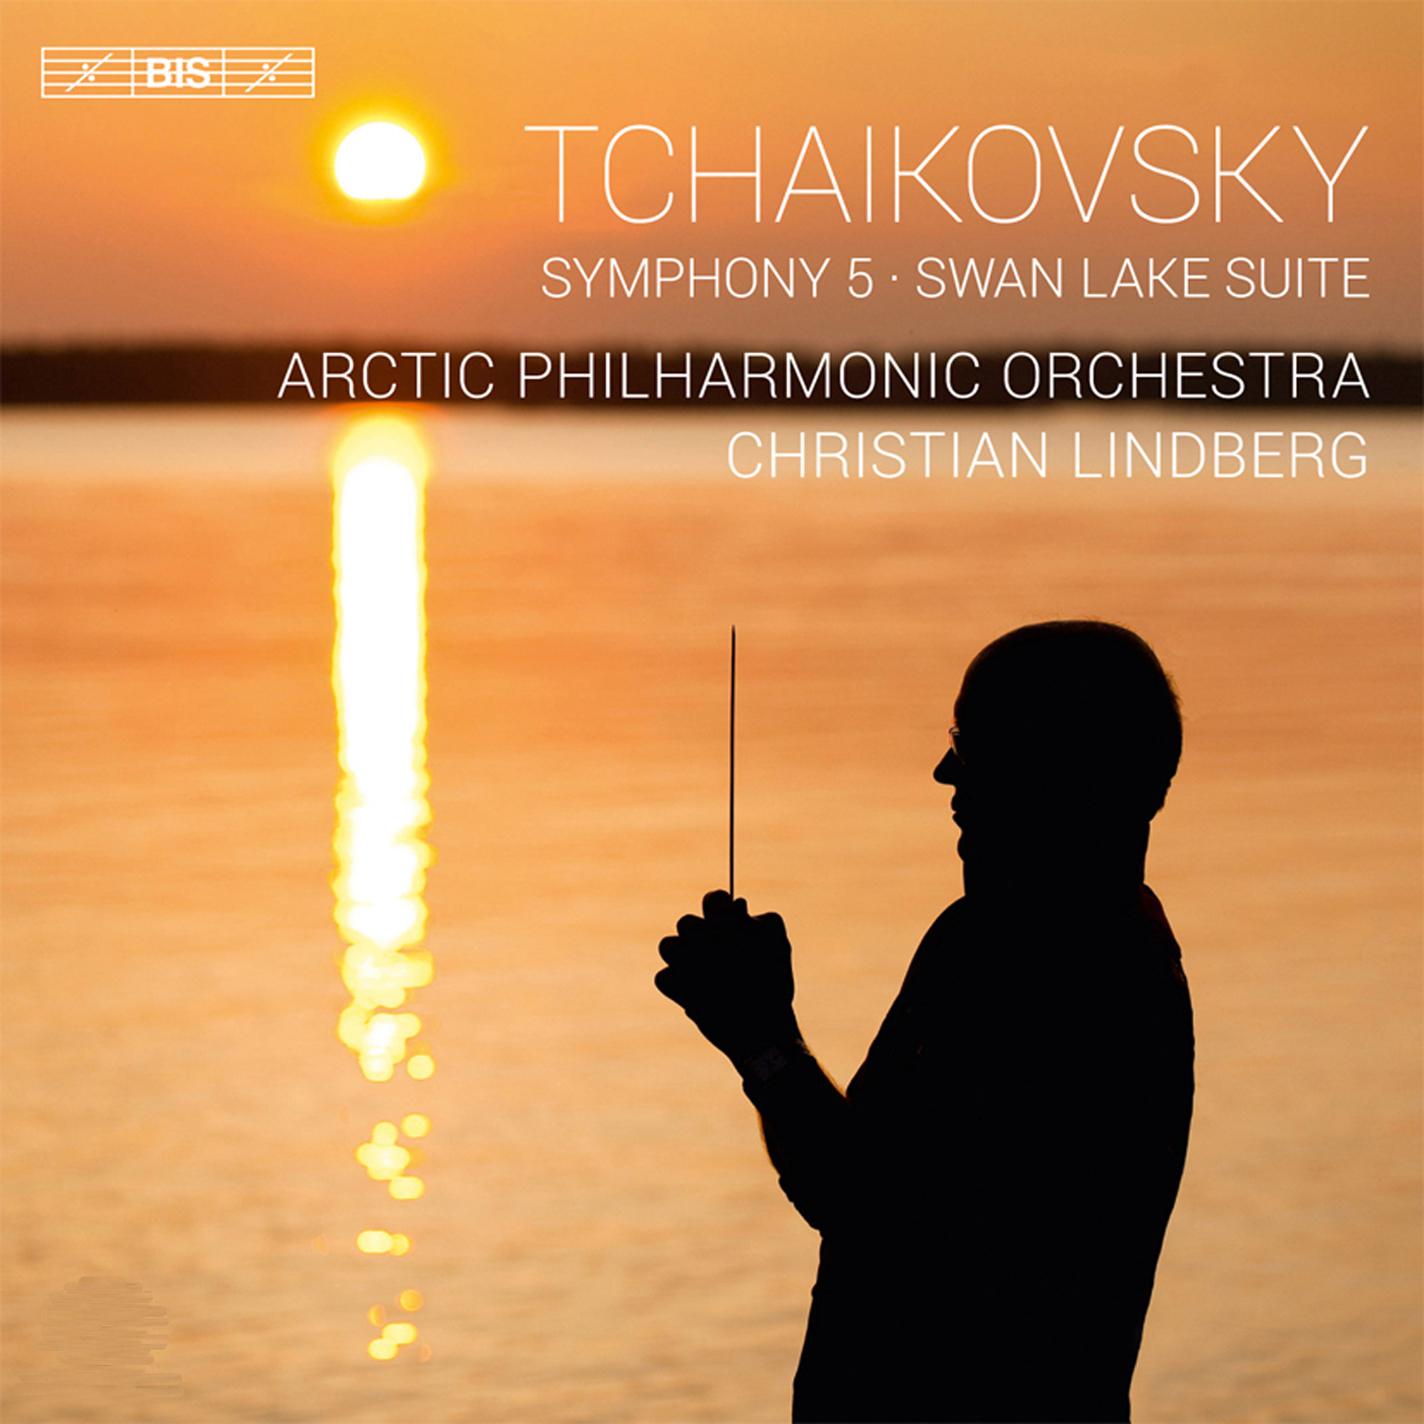 Tchaikovsky: Symphony No. 5 & Swan Lake Suite